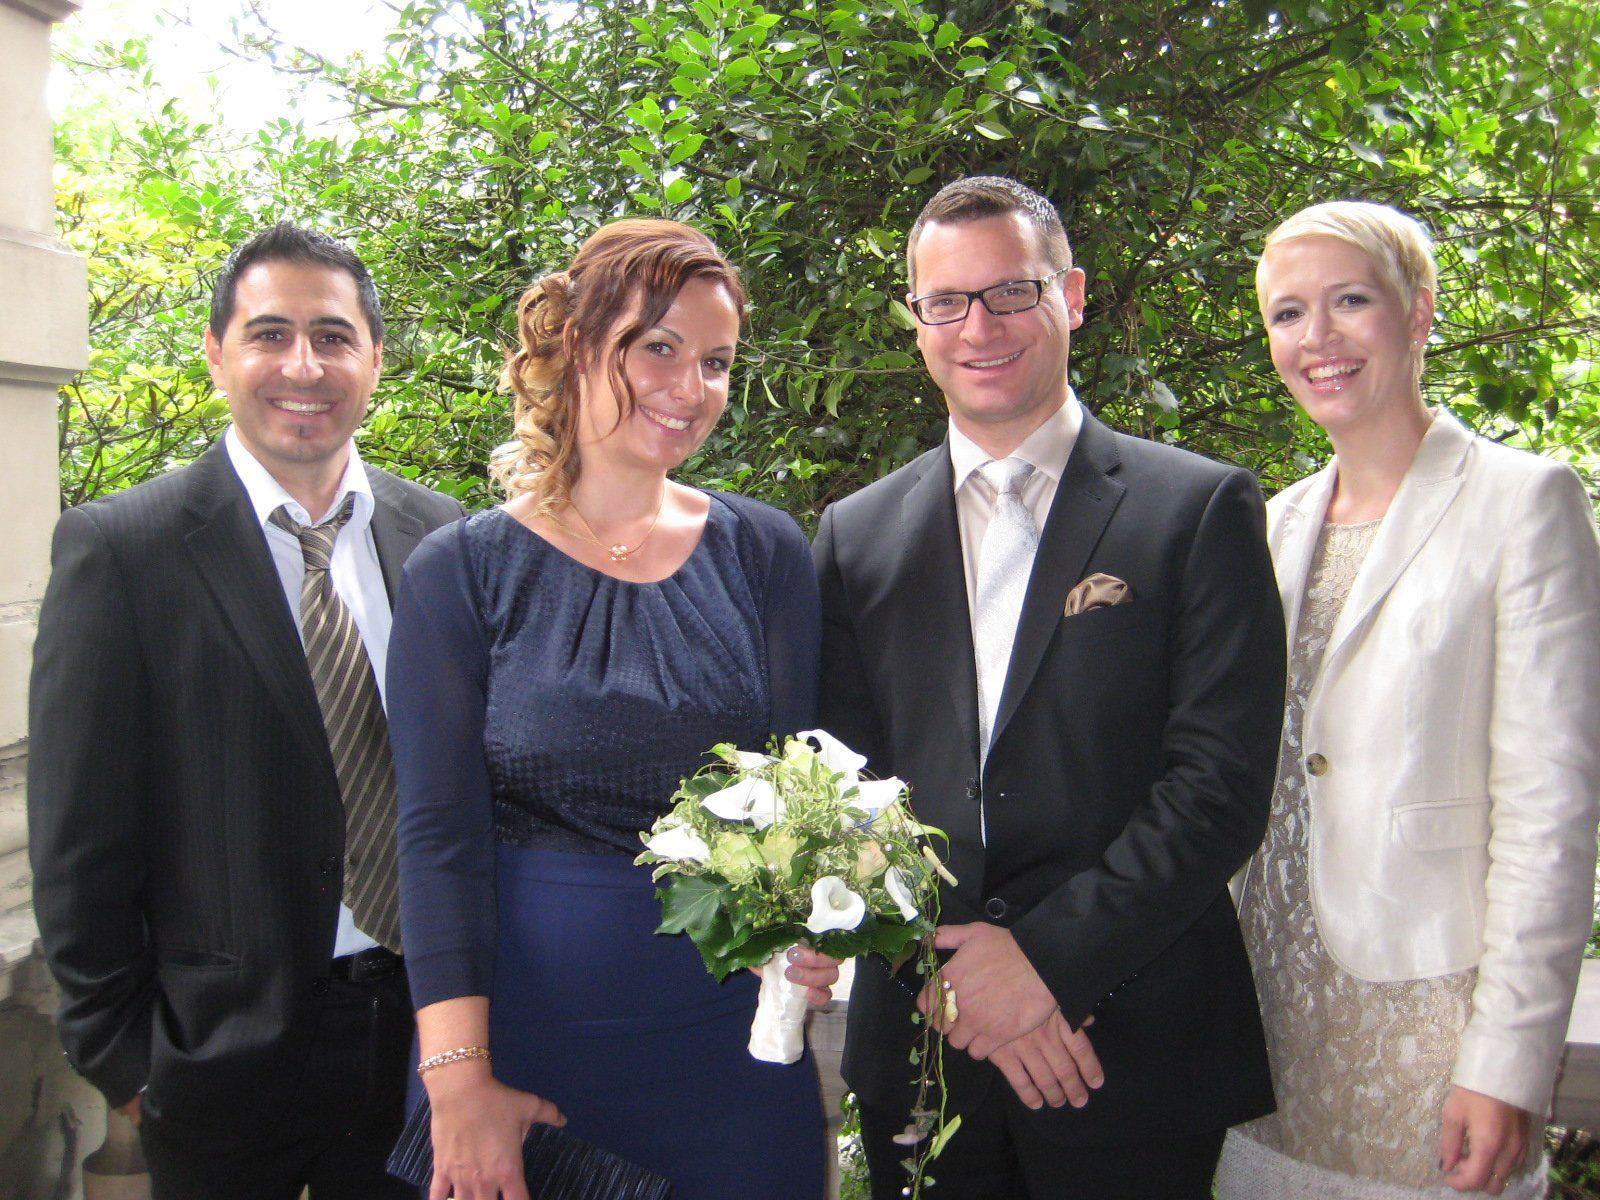 Cathrin Fröwis und Alexander Fend haben geheiratet.